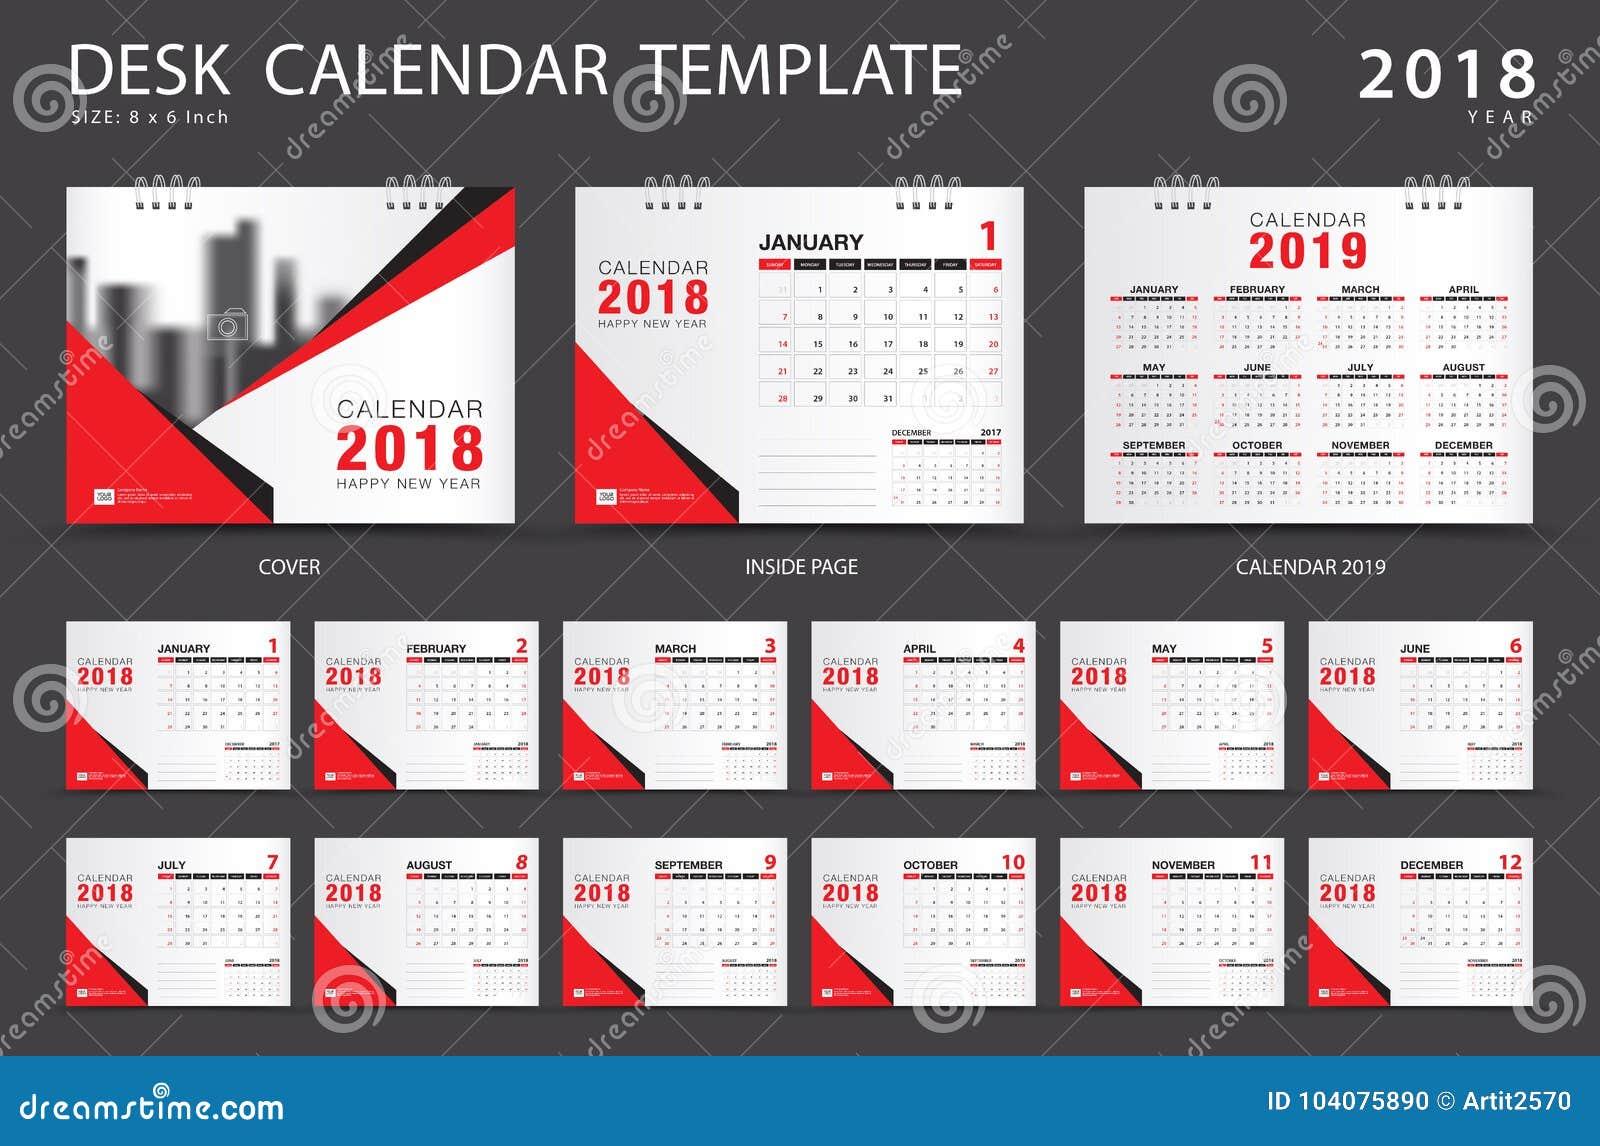 desk calendar 2018 template set of 12 months planner stock vector